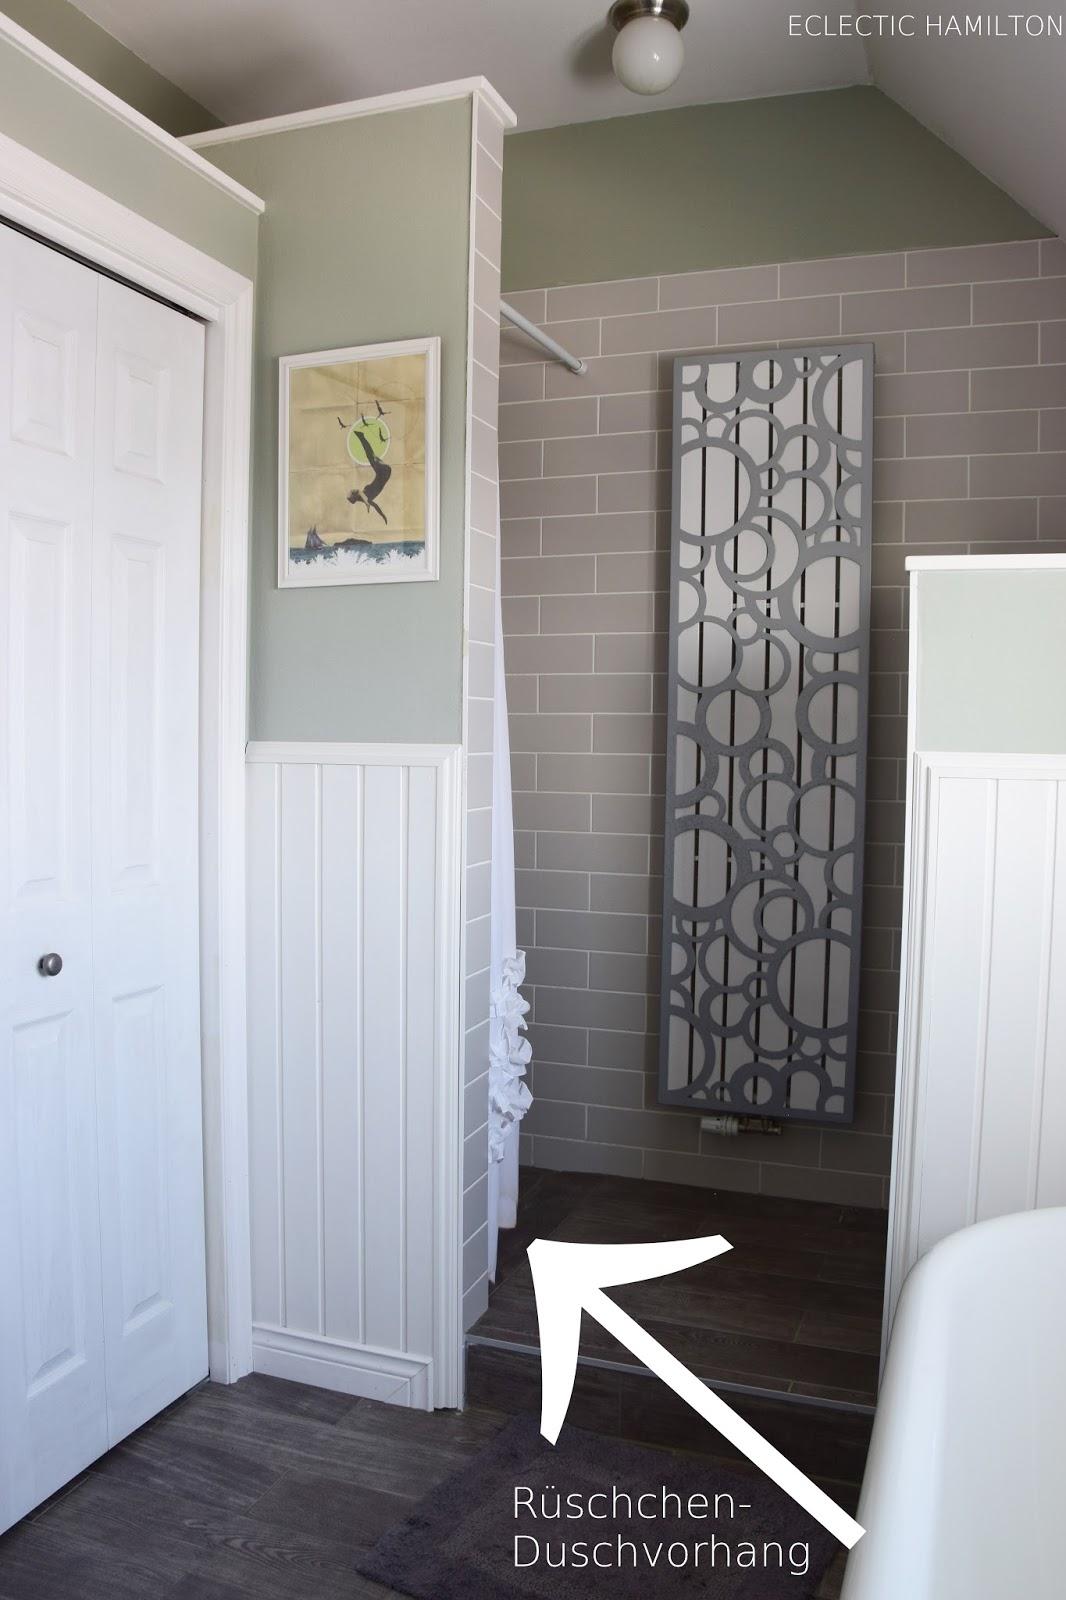 Duschvorhang Ideen und Tipps zur Aufhängung ohne Bohren. Bad, Badezimmer, Dusche, Duschvorhang, Tipp, Ratgeber